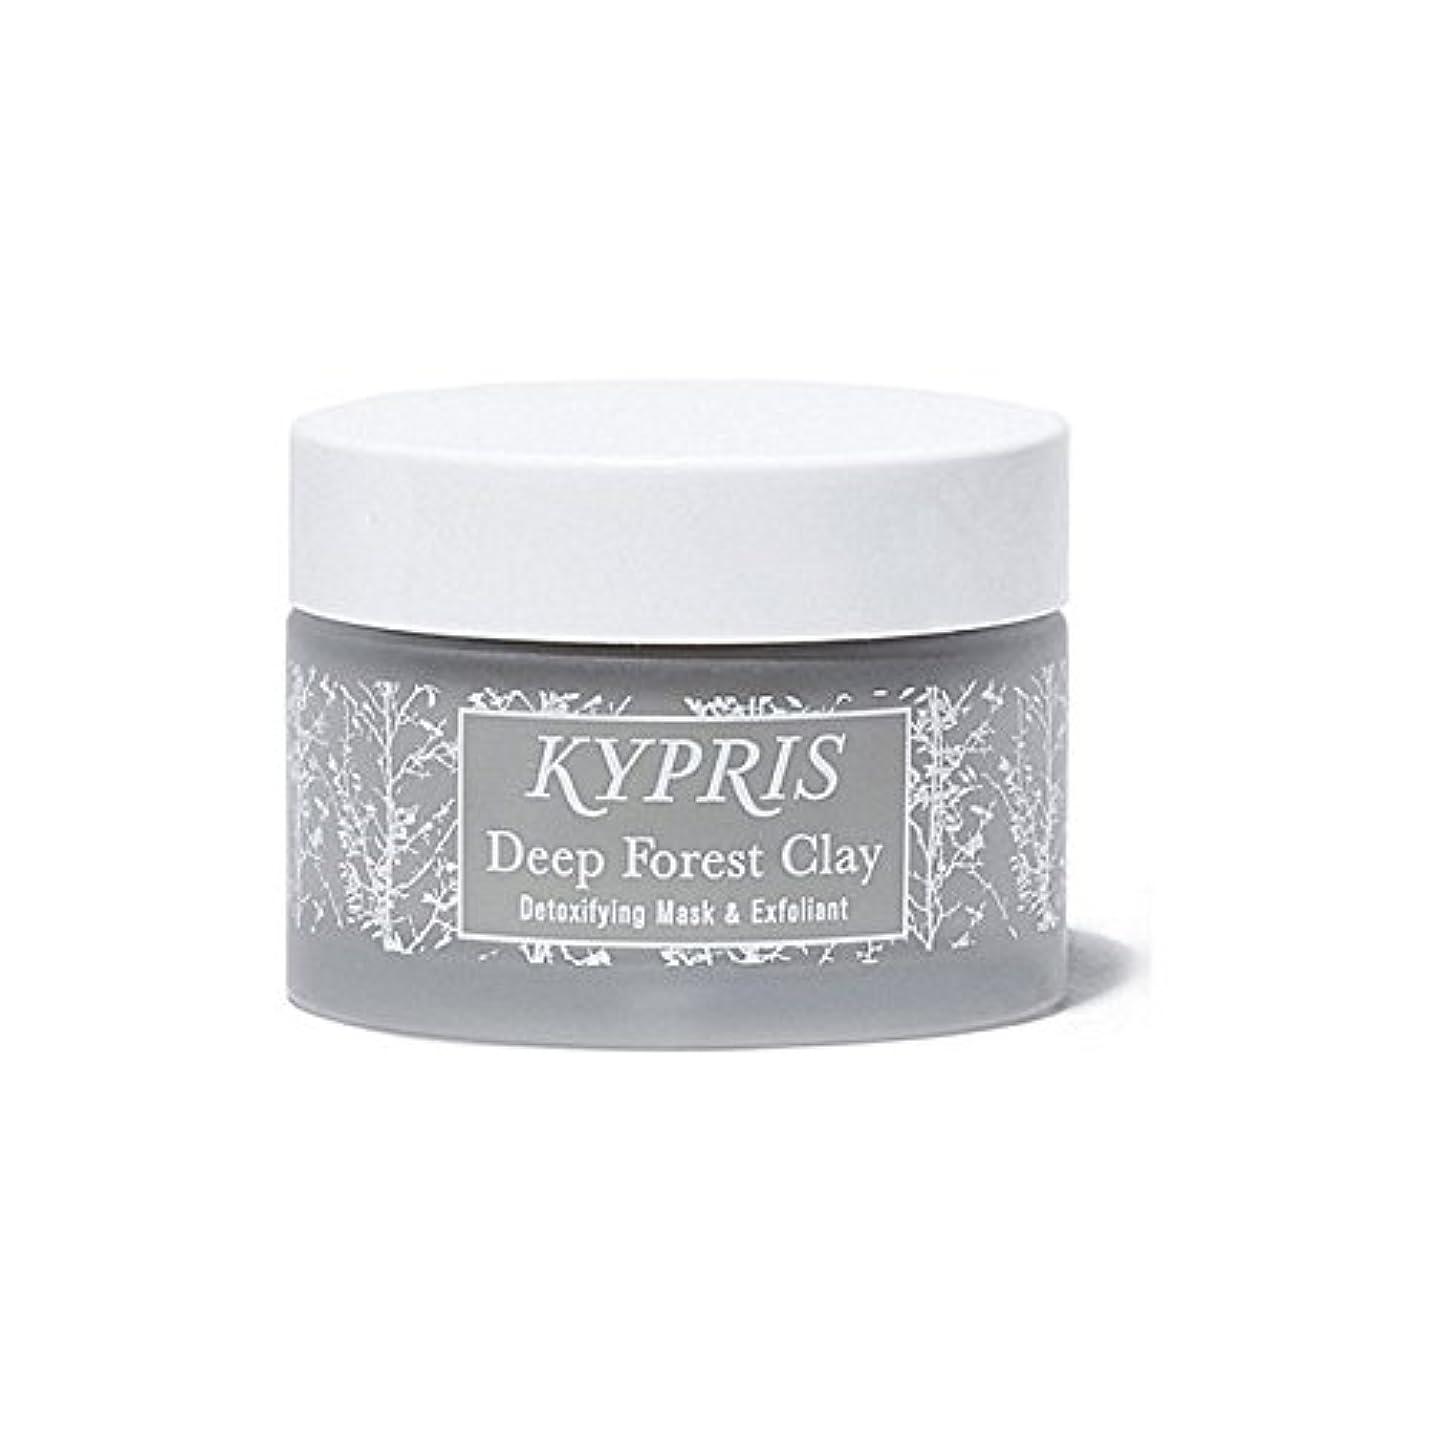 コンパニオンしなければならない可愛い深い森粘土を x4 - Kypris Deep Forest Clay (Pack of 4) [並行輸入品]